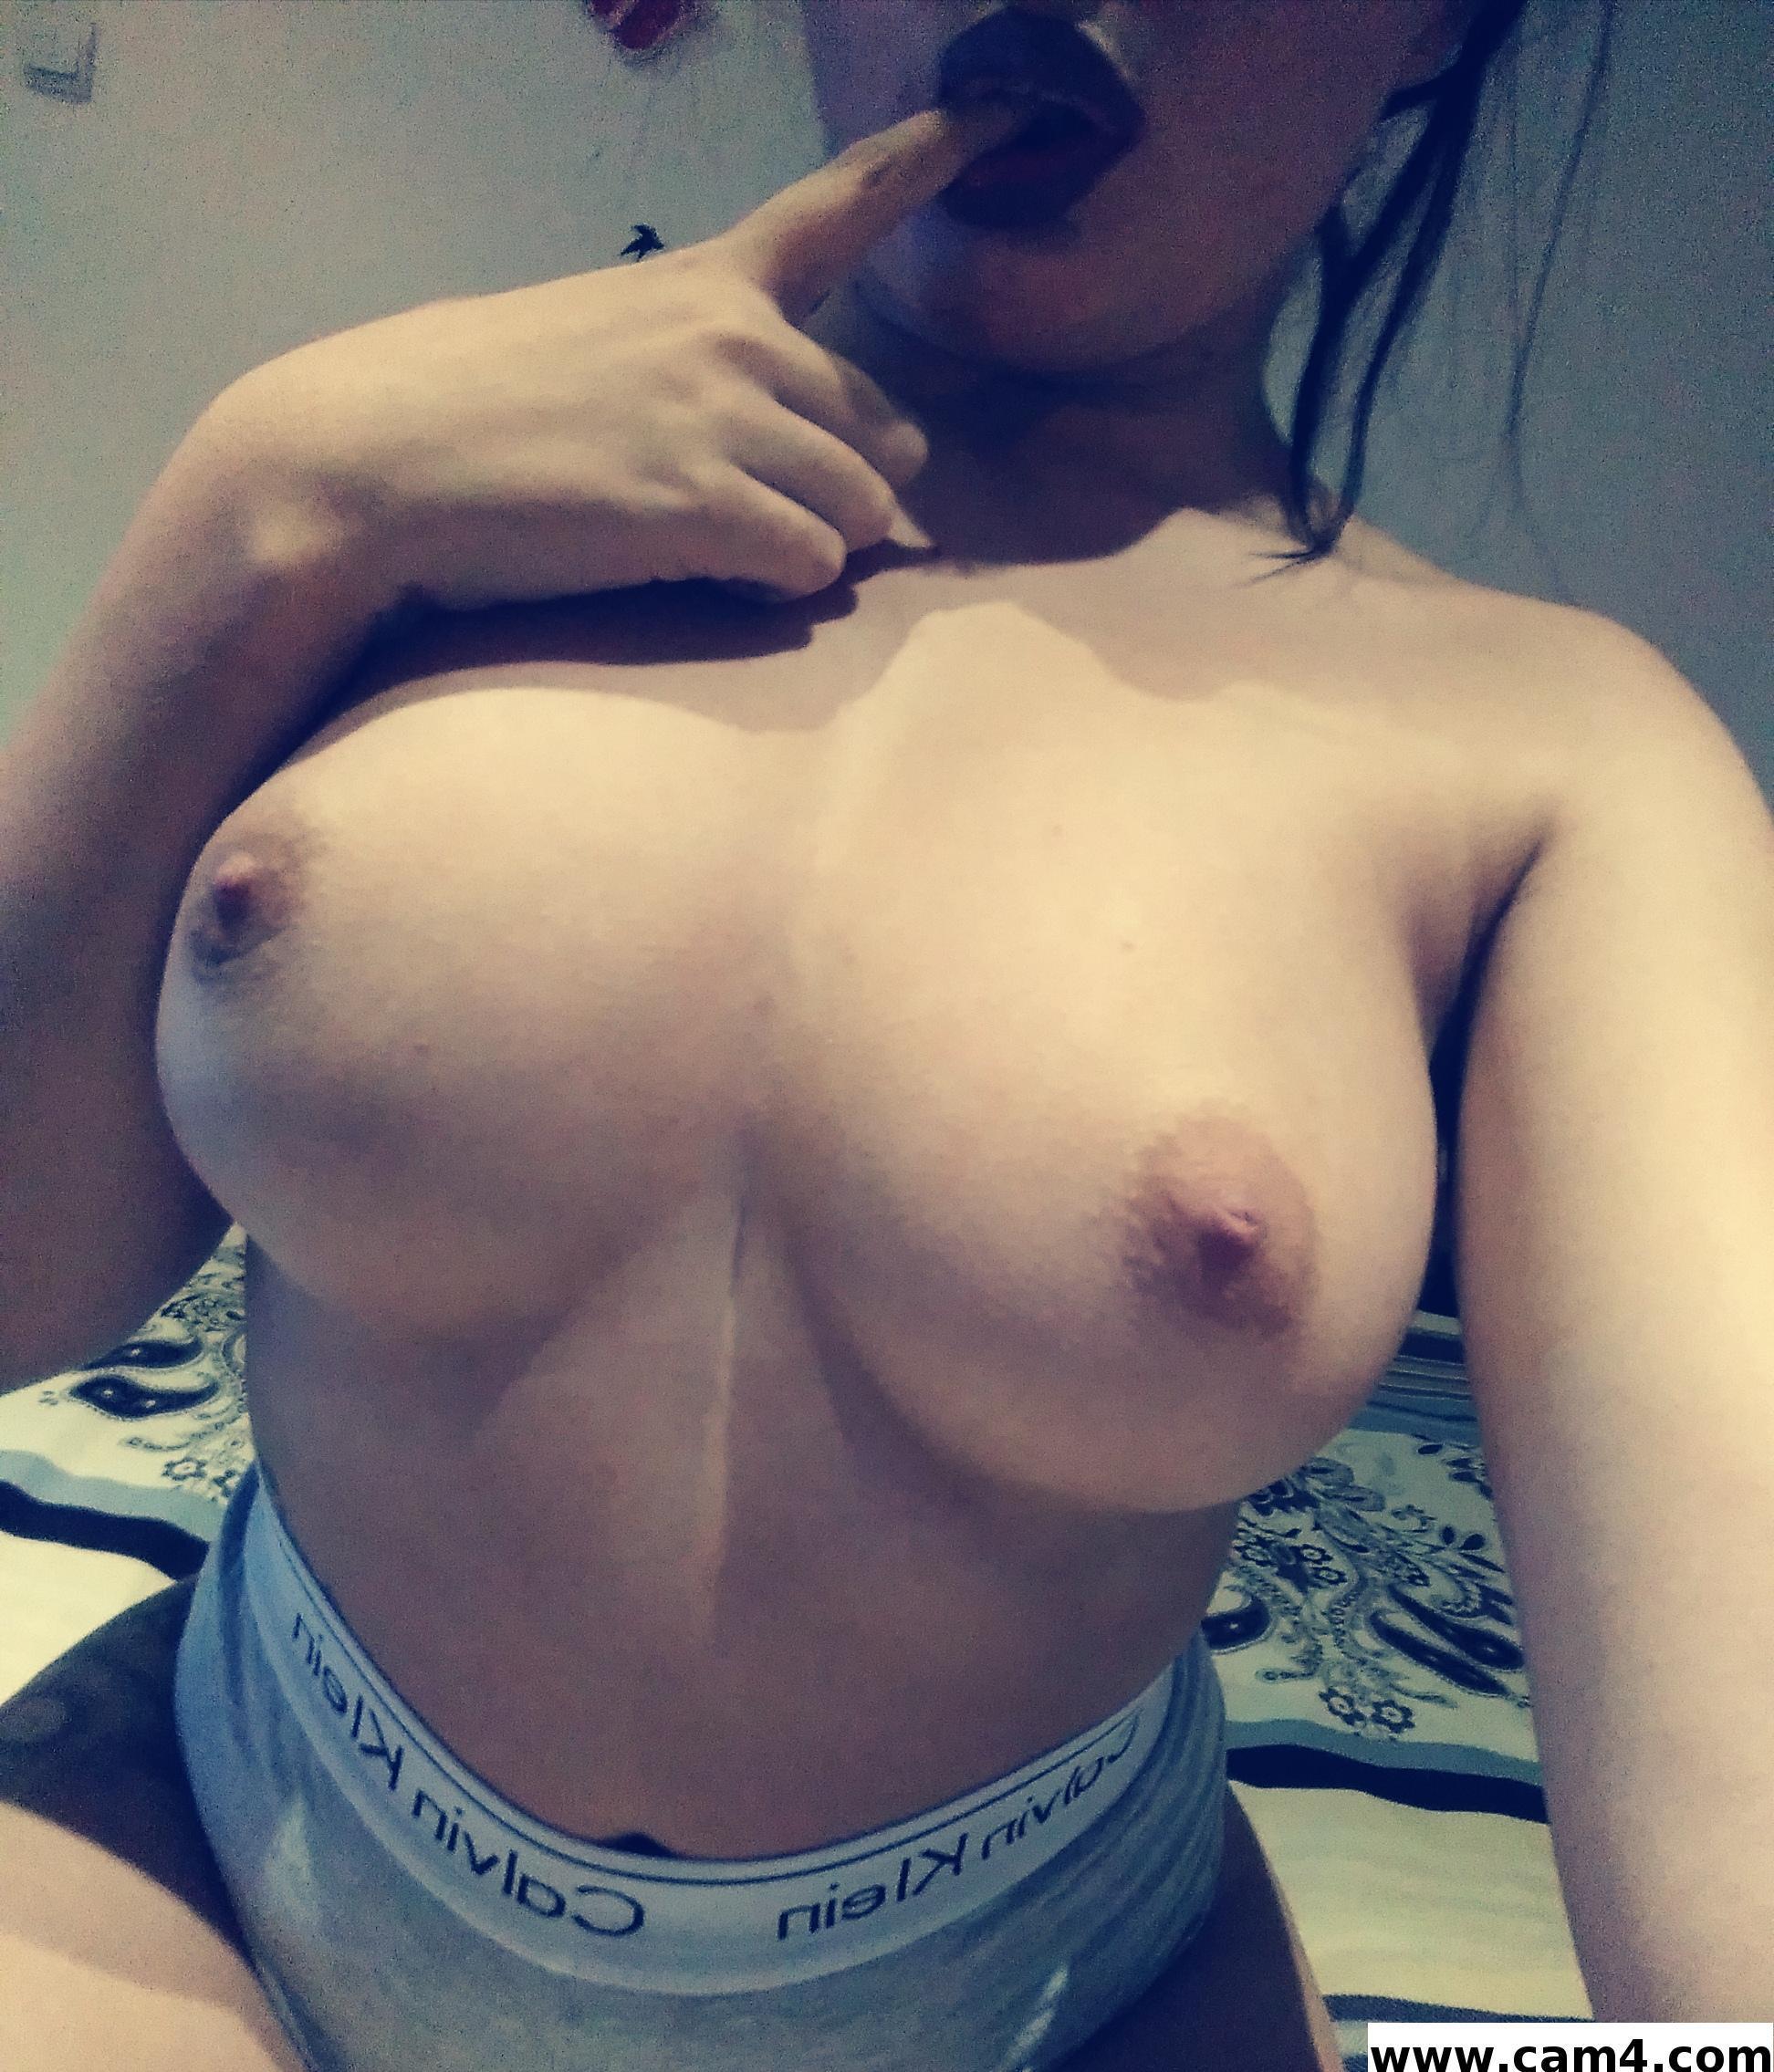 sexyd_fun photo 13596323